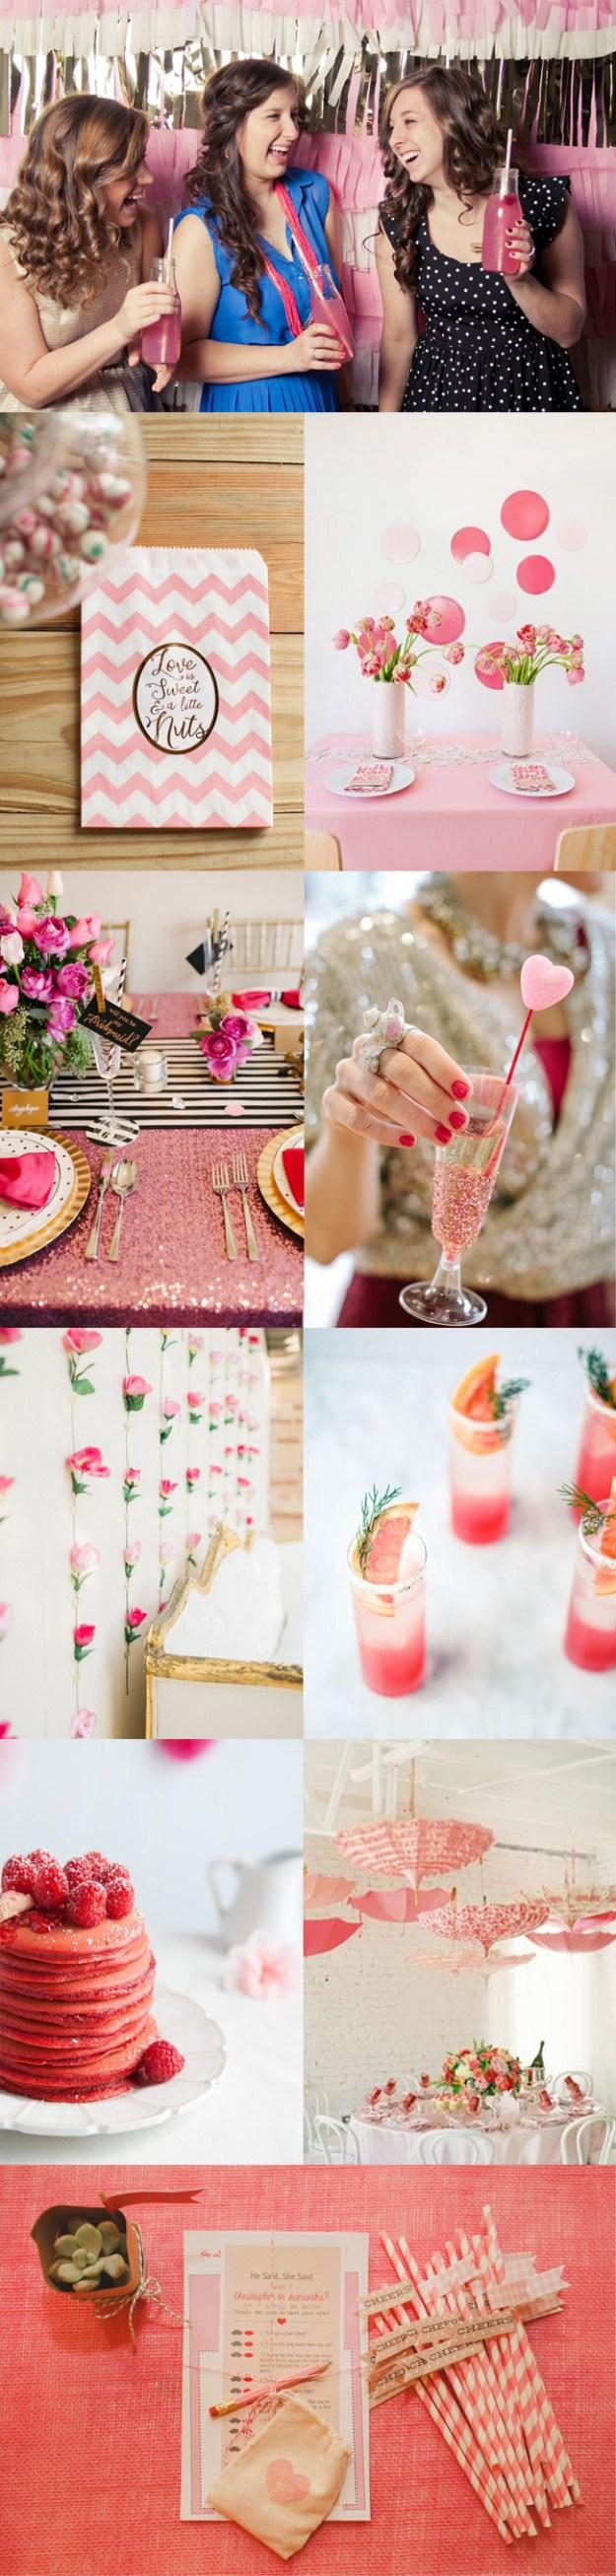 Pink bridal shower inspiration board